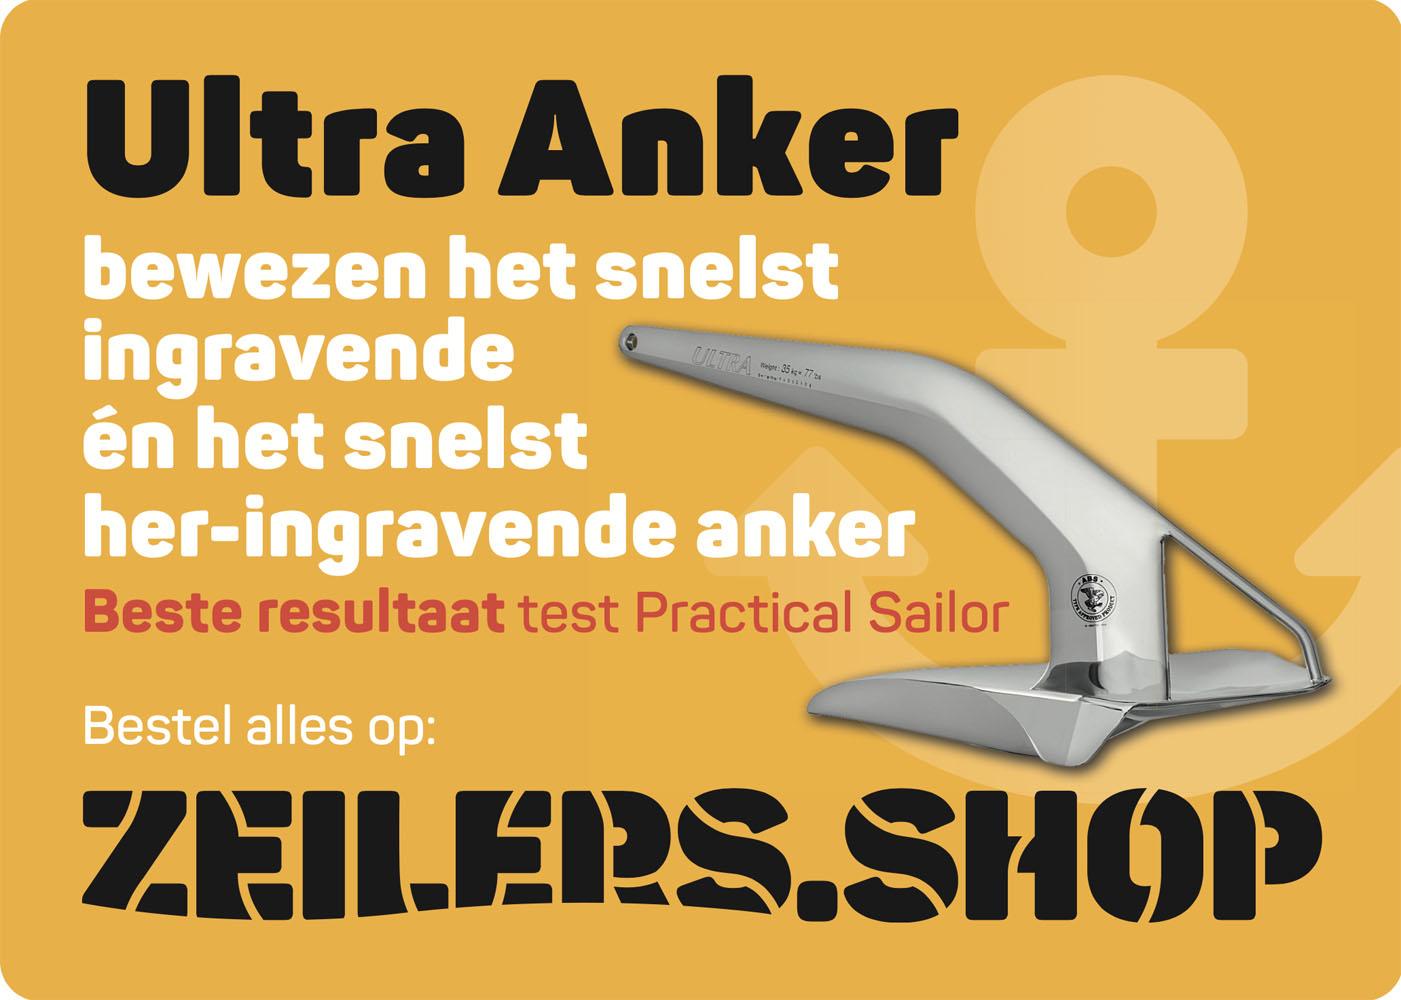 RVS Ultra Anker advertentie Zeilers.Shop